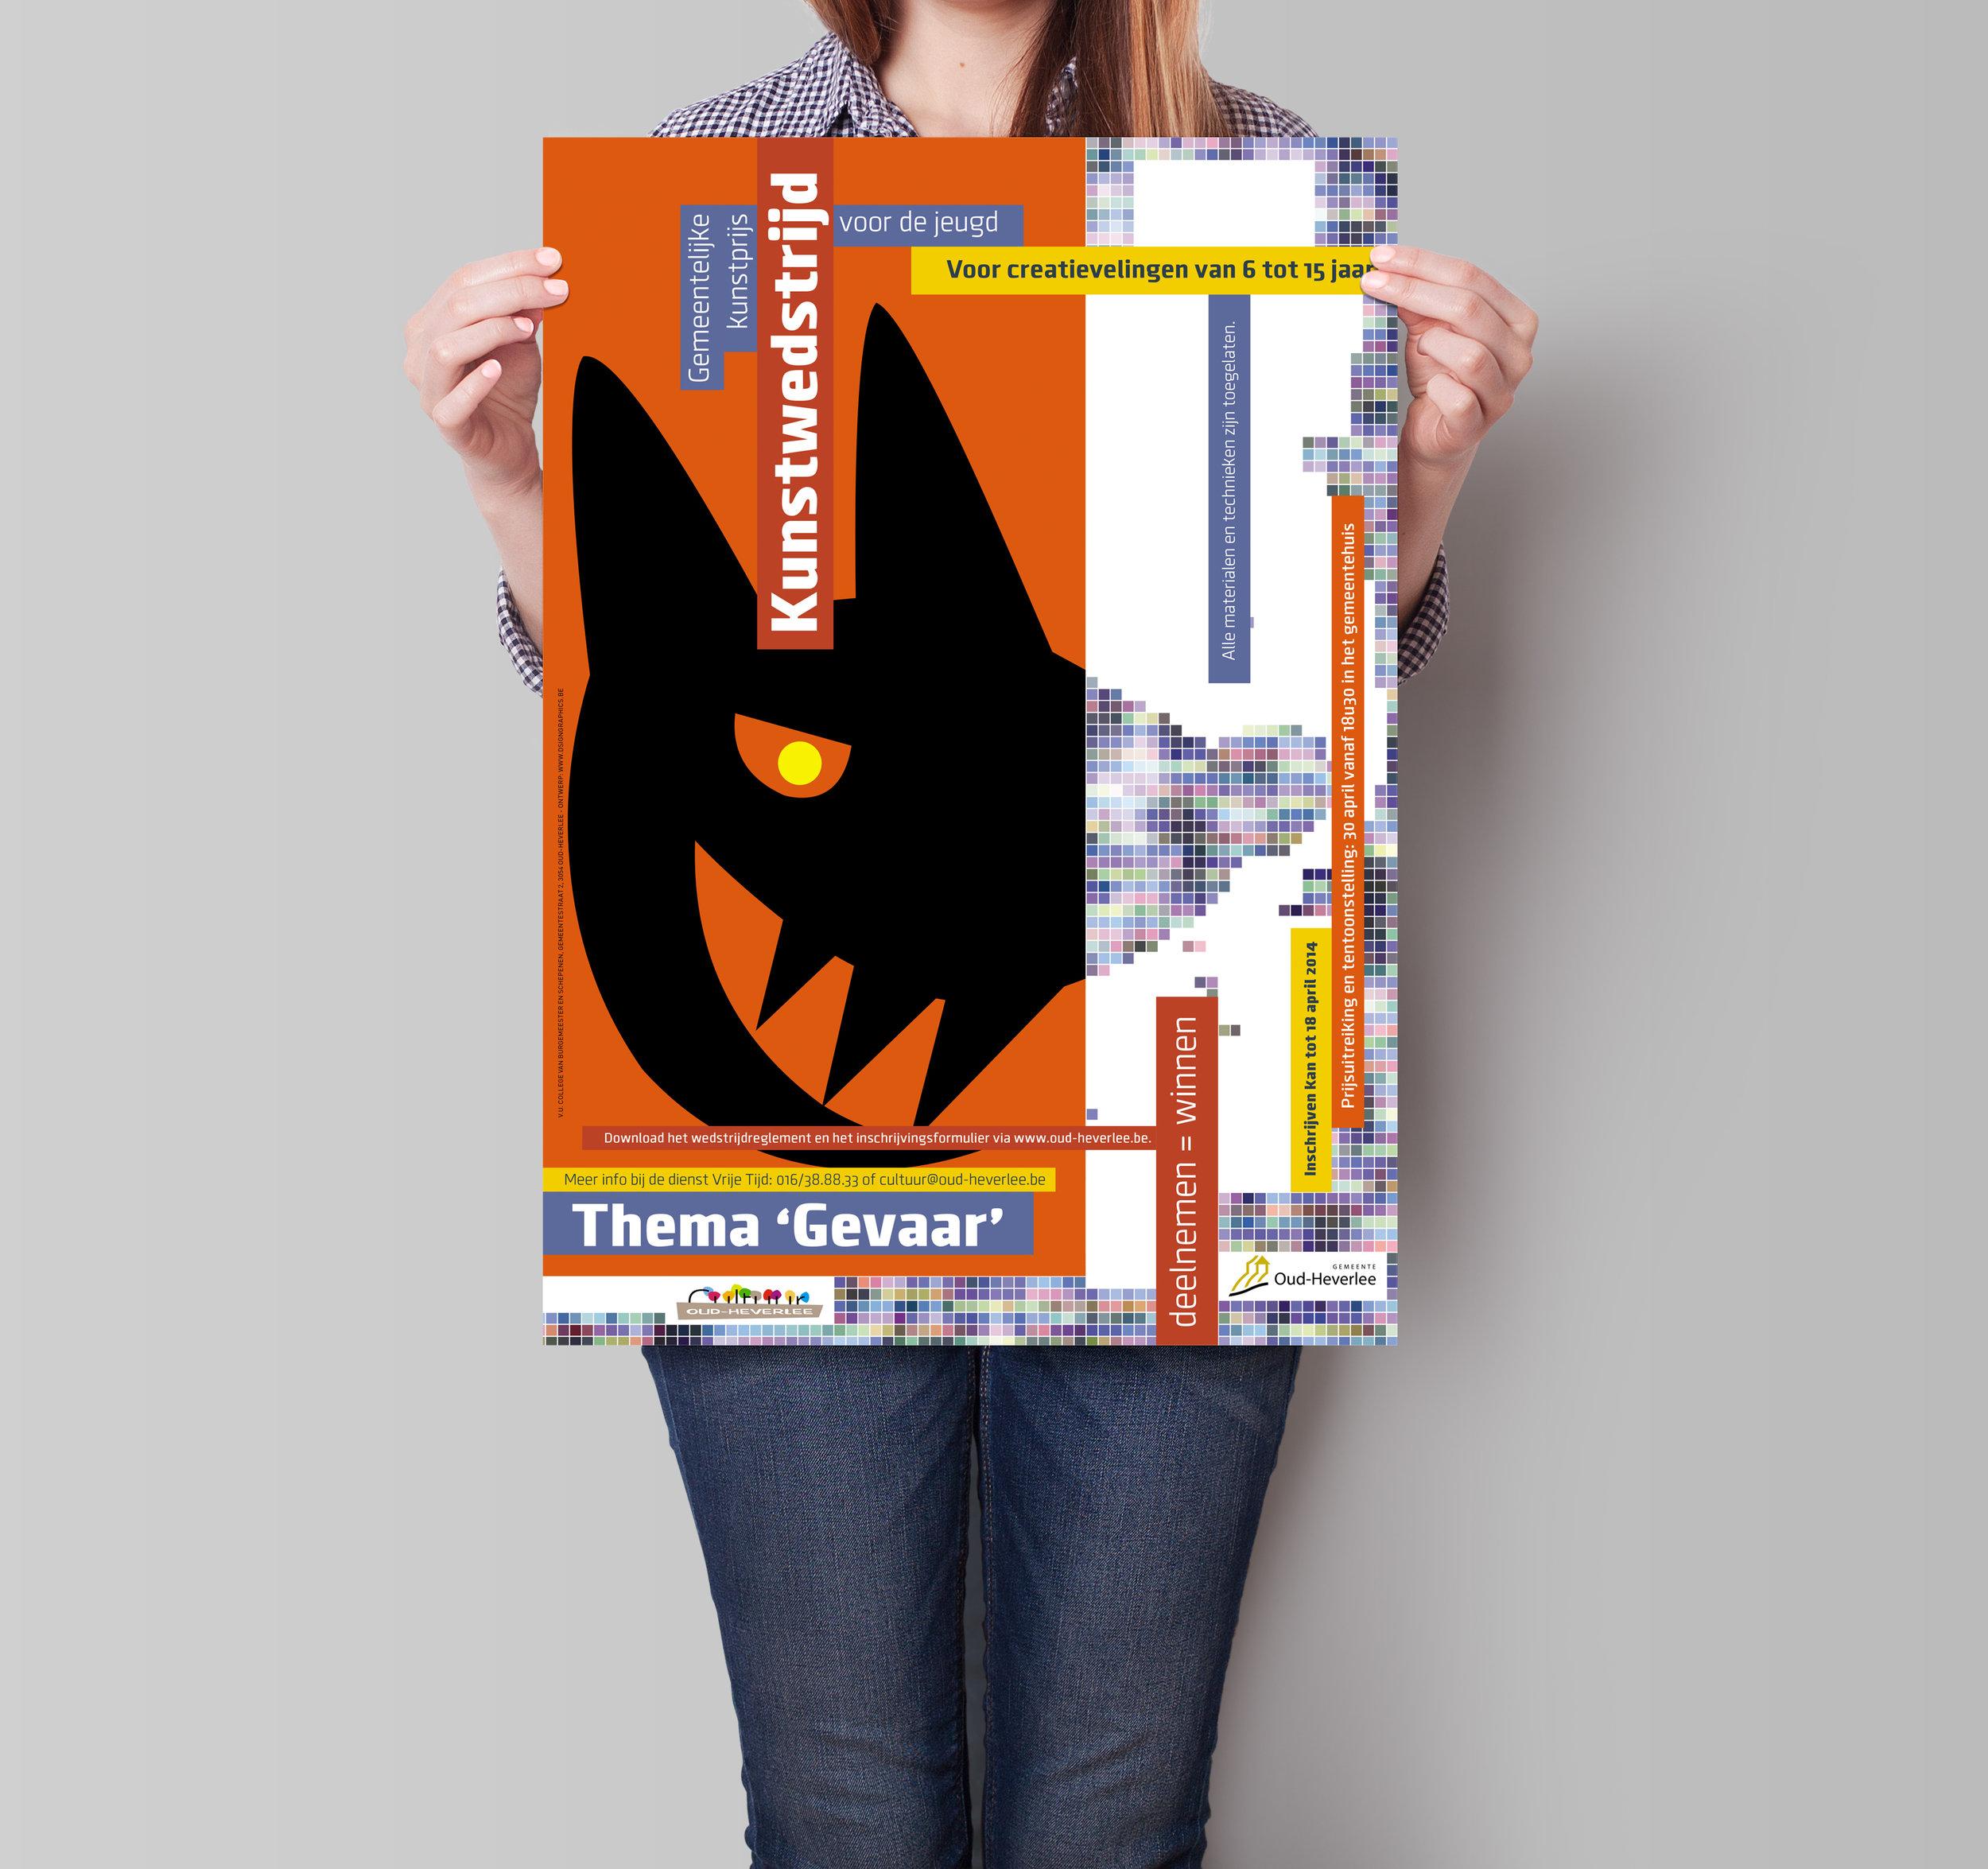 Affiche 'Kunstprijs voor de jeugd'